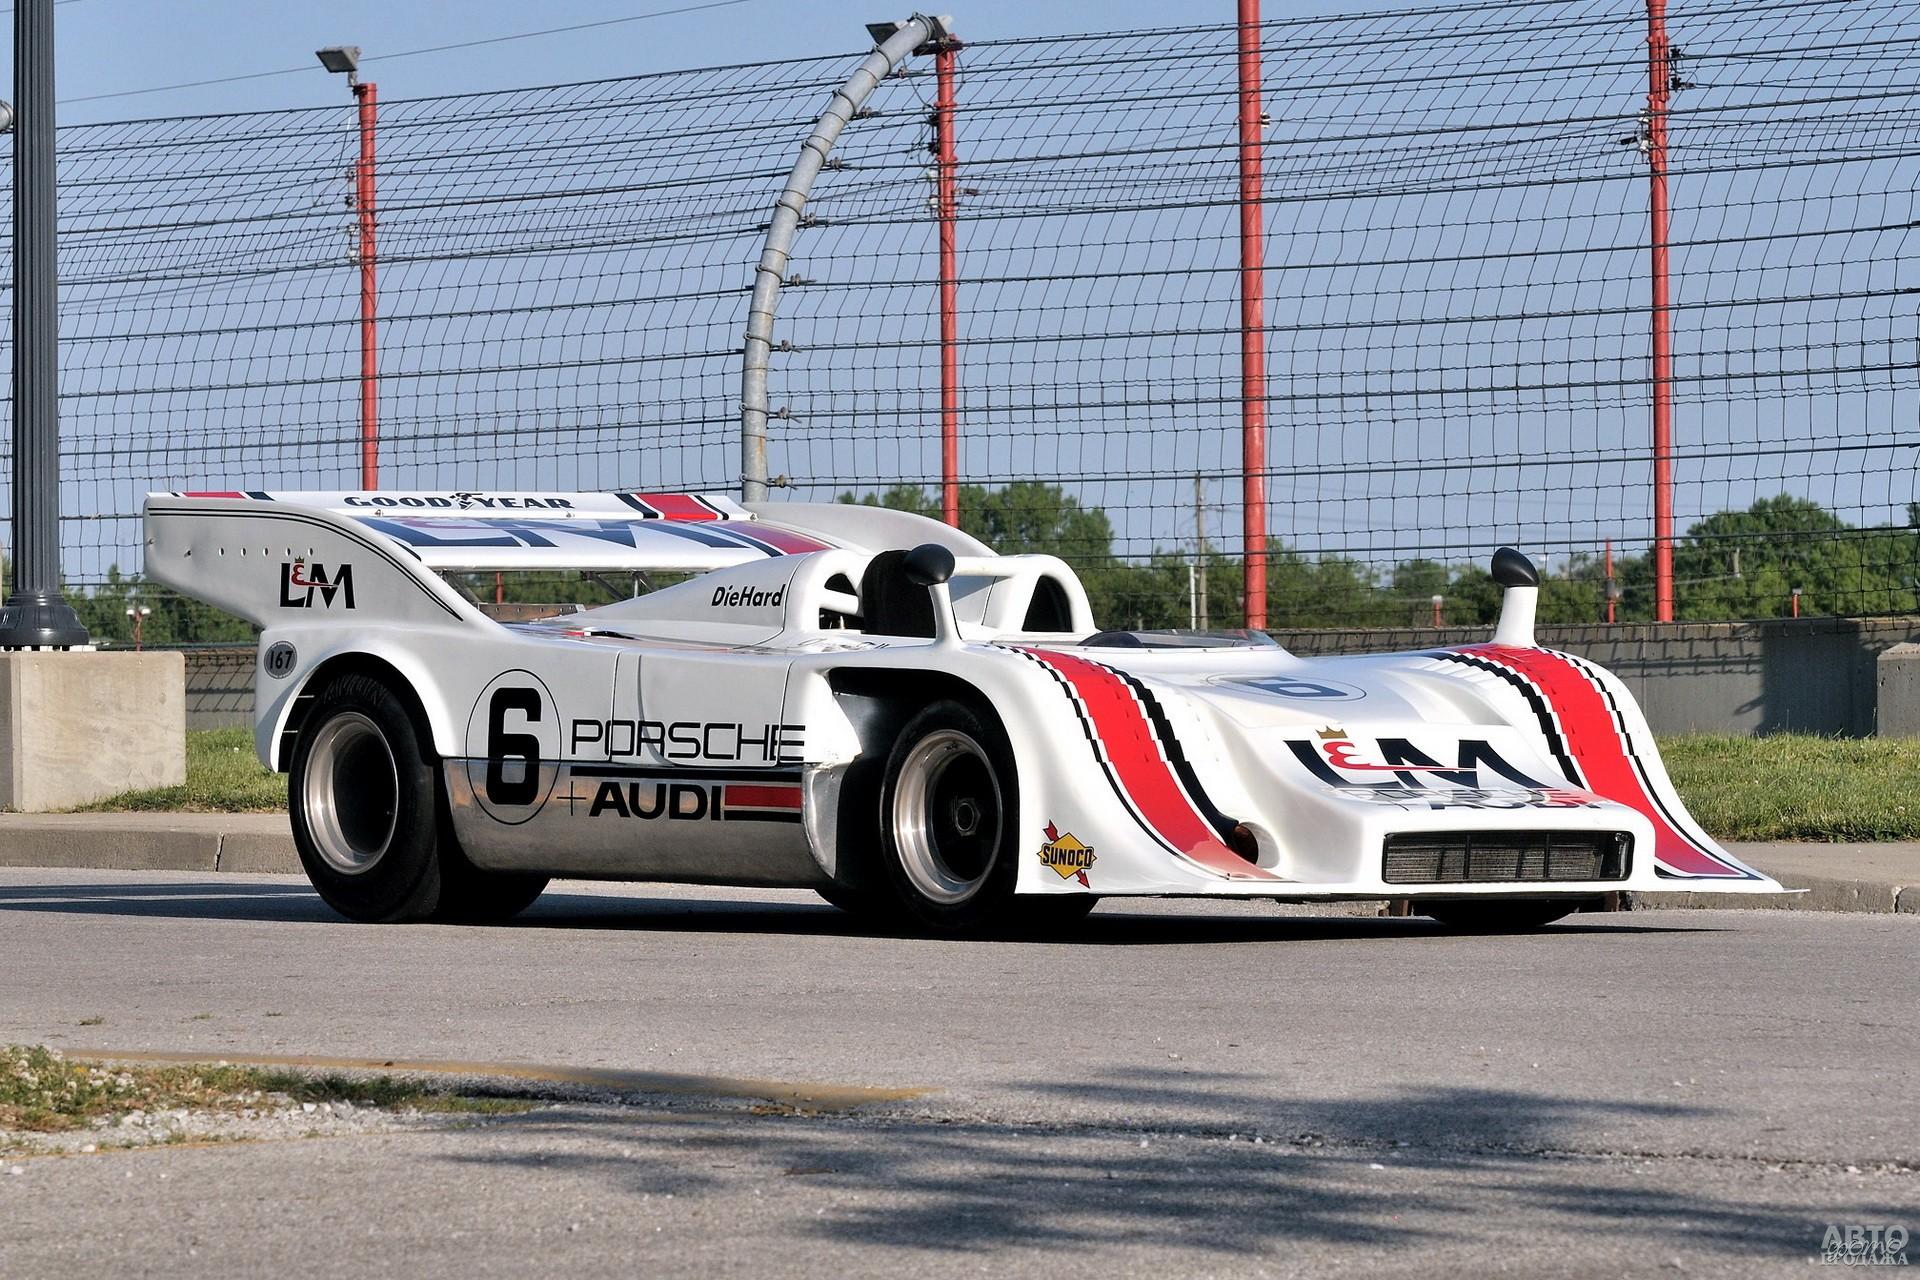 Porsche 917/10 принес в 1972 году Джорджу Фоллмеру чемпионский титул в серии Can-Am